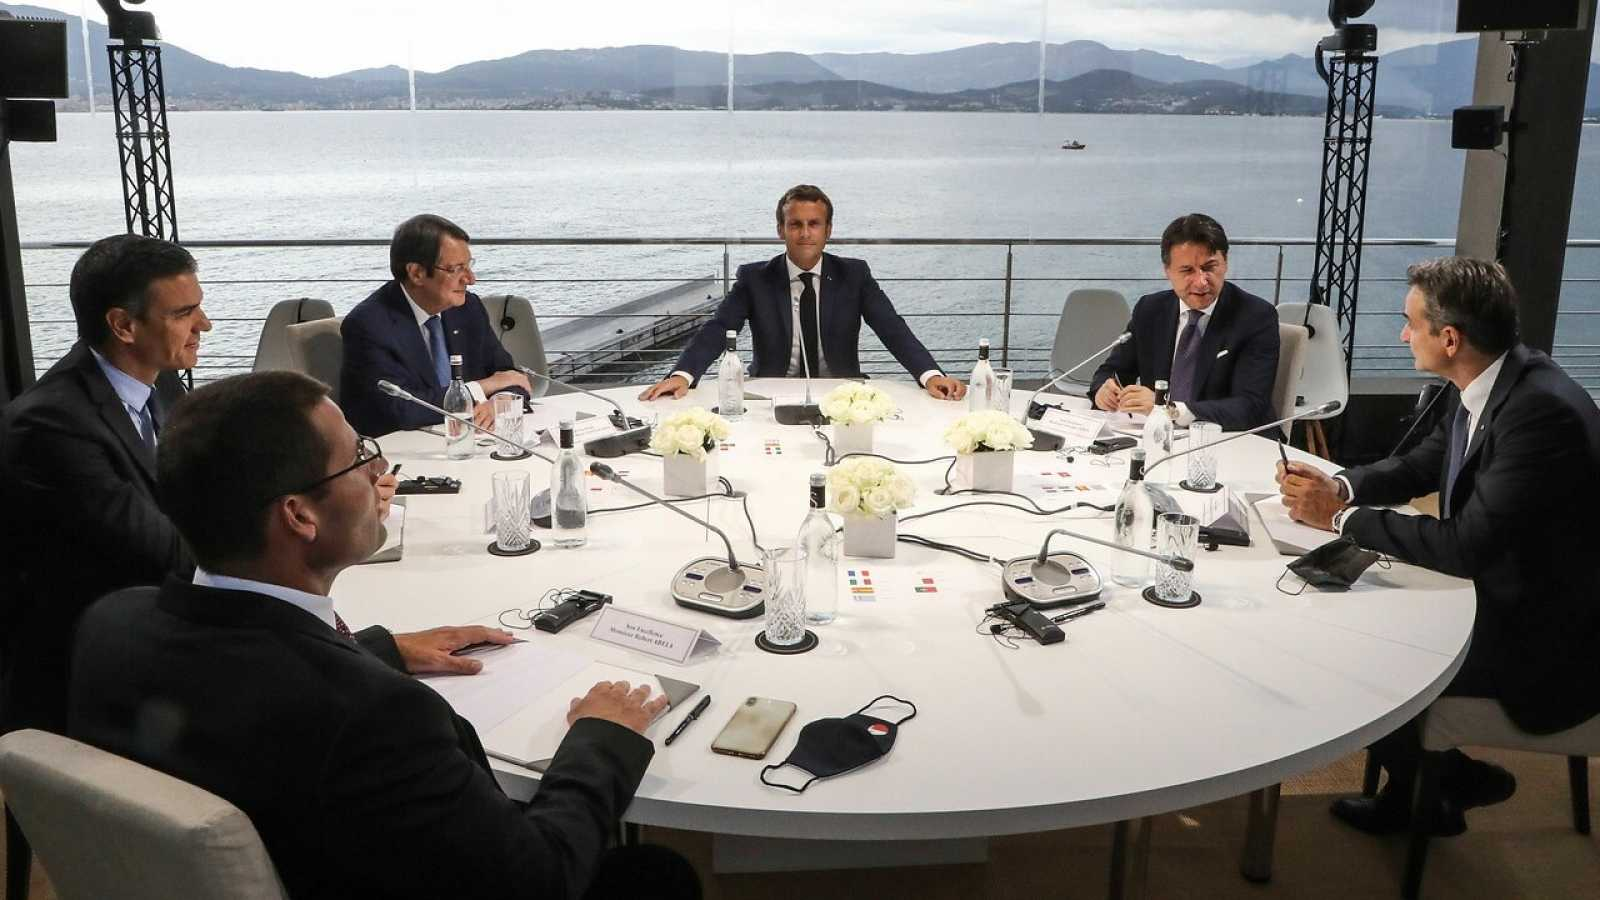 Los jefes de Gobierno durante la MED7 celebrada en Córcega